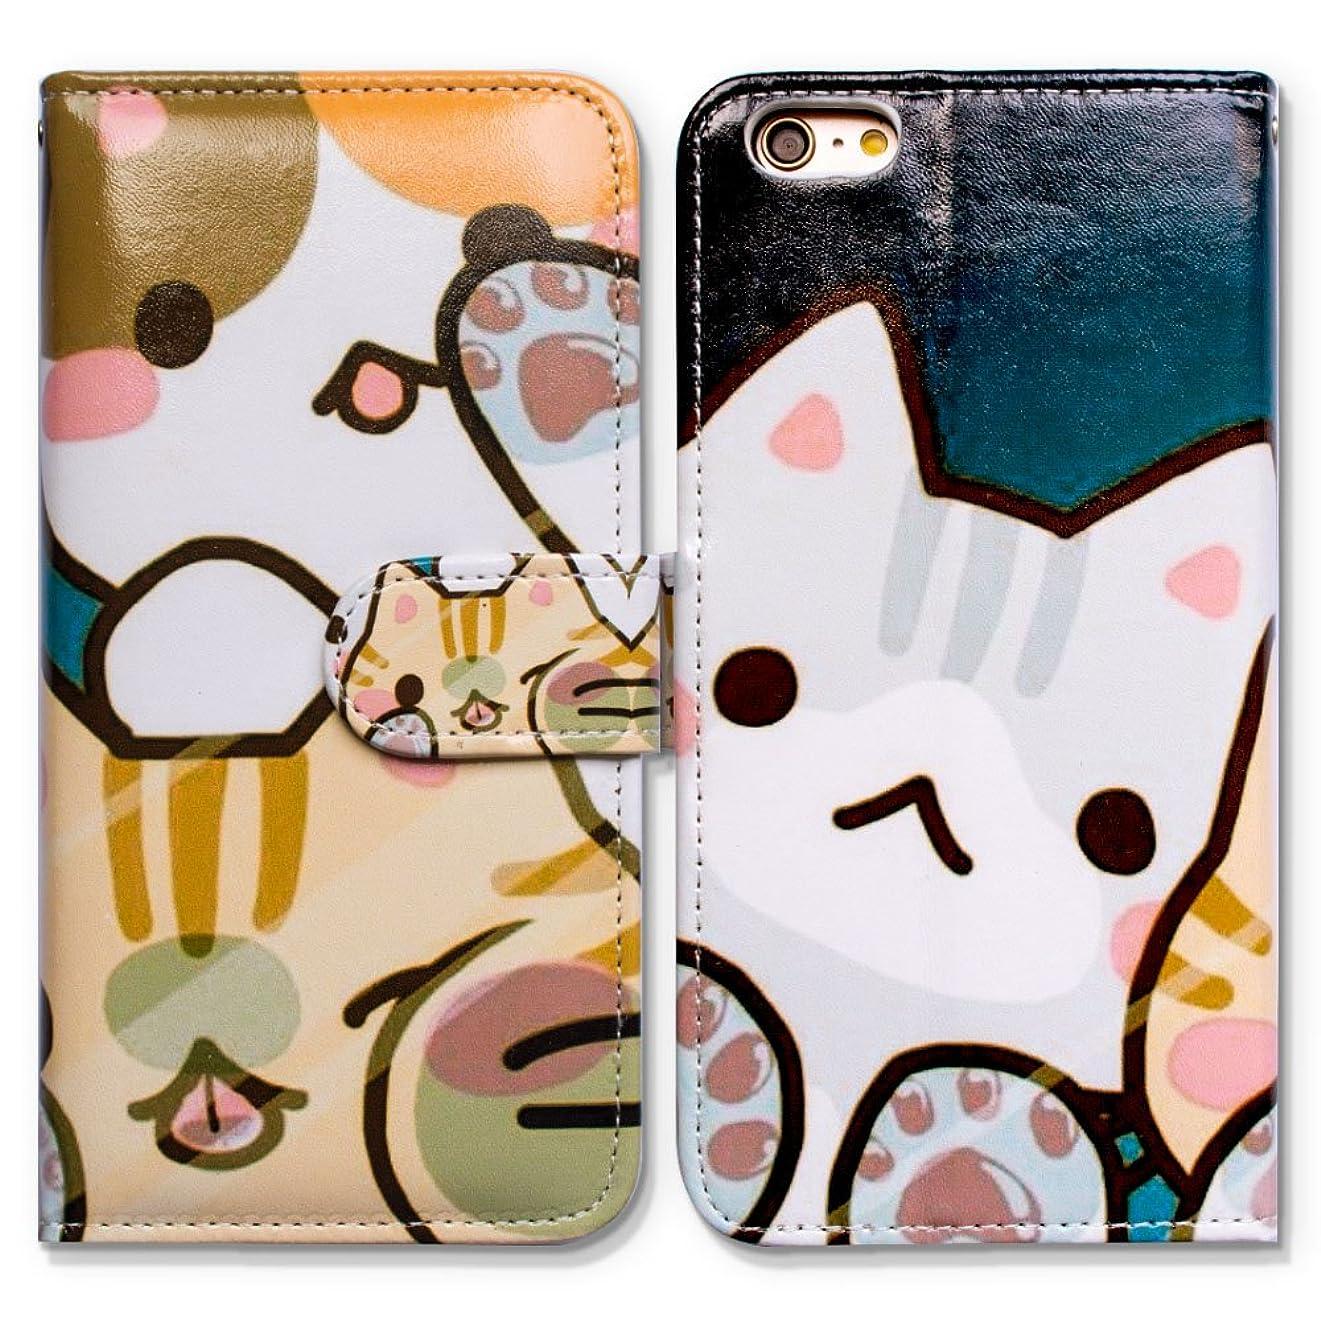 ゲート繕う会社iPod Touch 6/5 ケース,アイポッドタッチ 6/5 ケース,Bcov 良質PUレザーケース 横開き 手帳型 二つ折り カード収納ホルダー スタンド機能 保護カバー 白い猫 黄色の猫